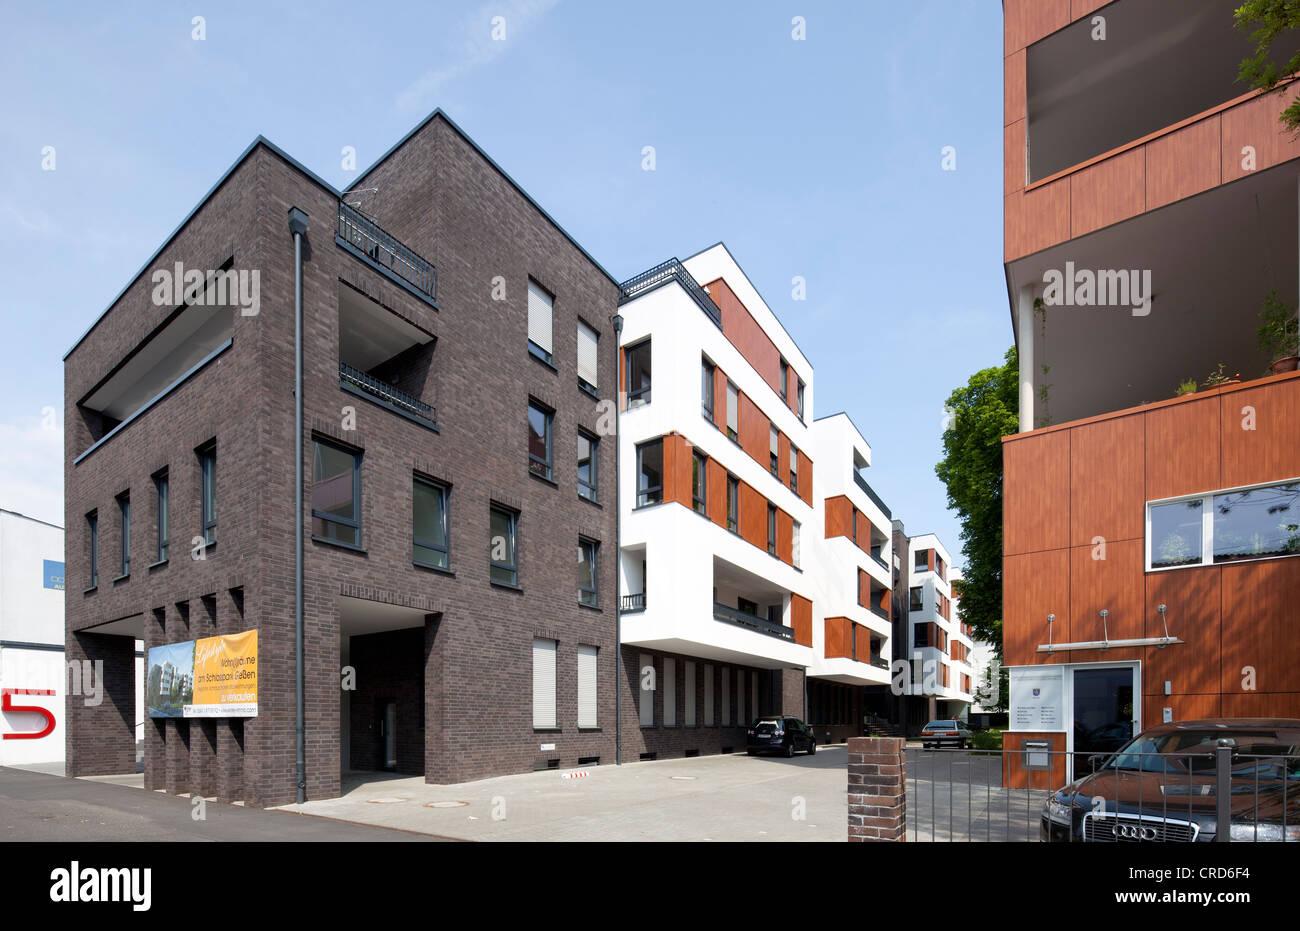 Wohnhaus, Bürogebäude, zeitgenössische Architektur, gießen, Hessen, Deutschland, Europa, PublicGround Stockbild